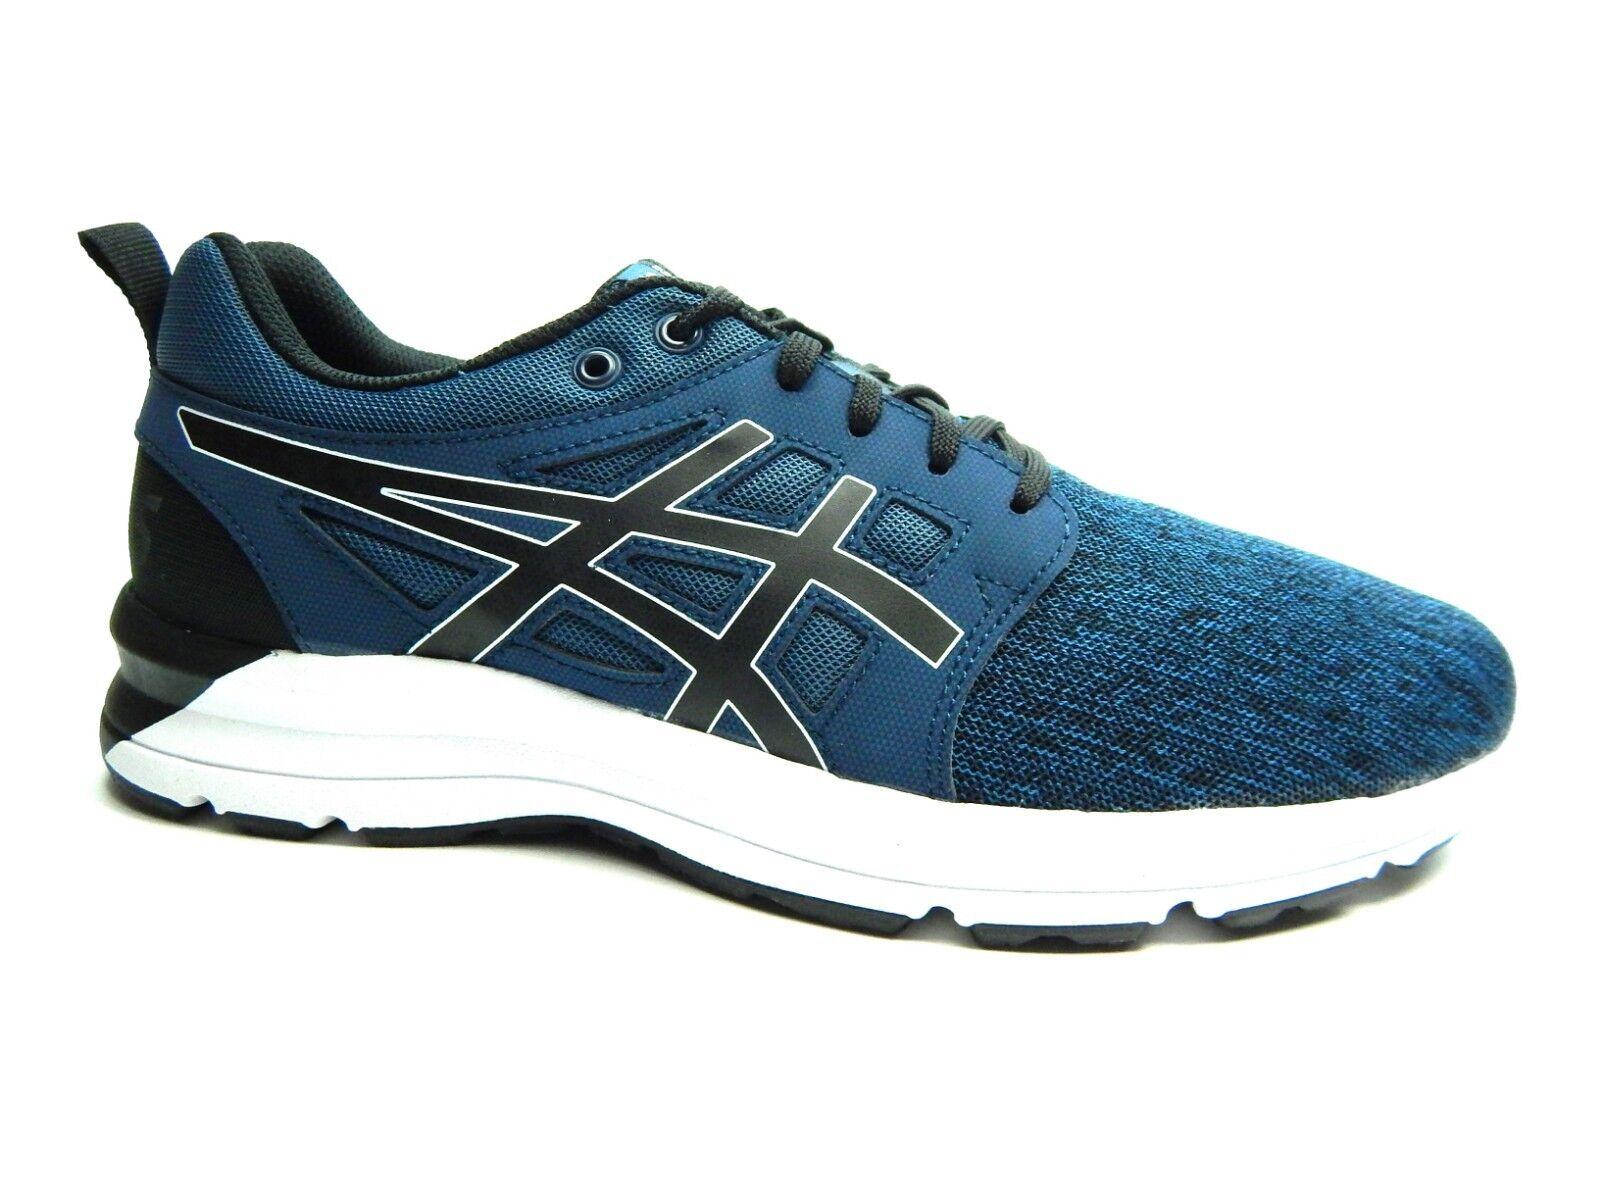 Asics Men shoes Gel Torrance Dark bluee Black white TJ3N-4990 sizes 8.0 & 8.5